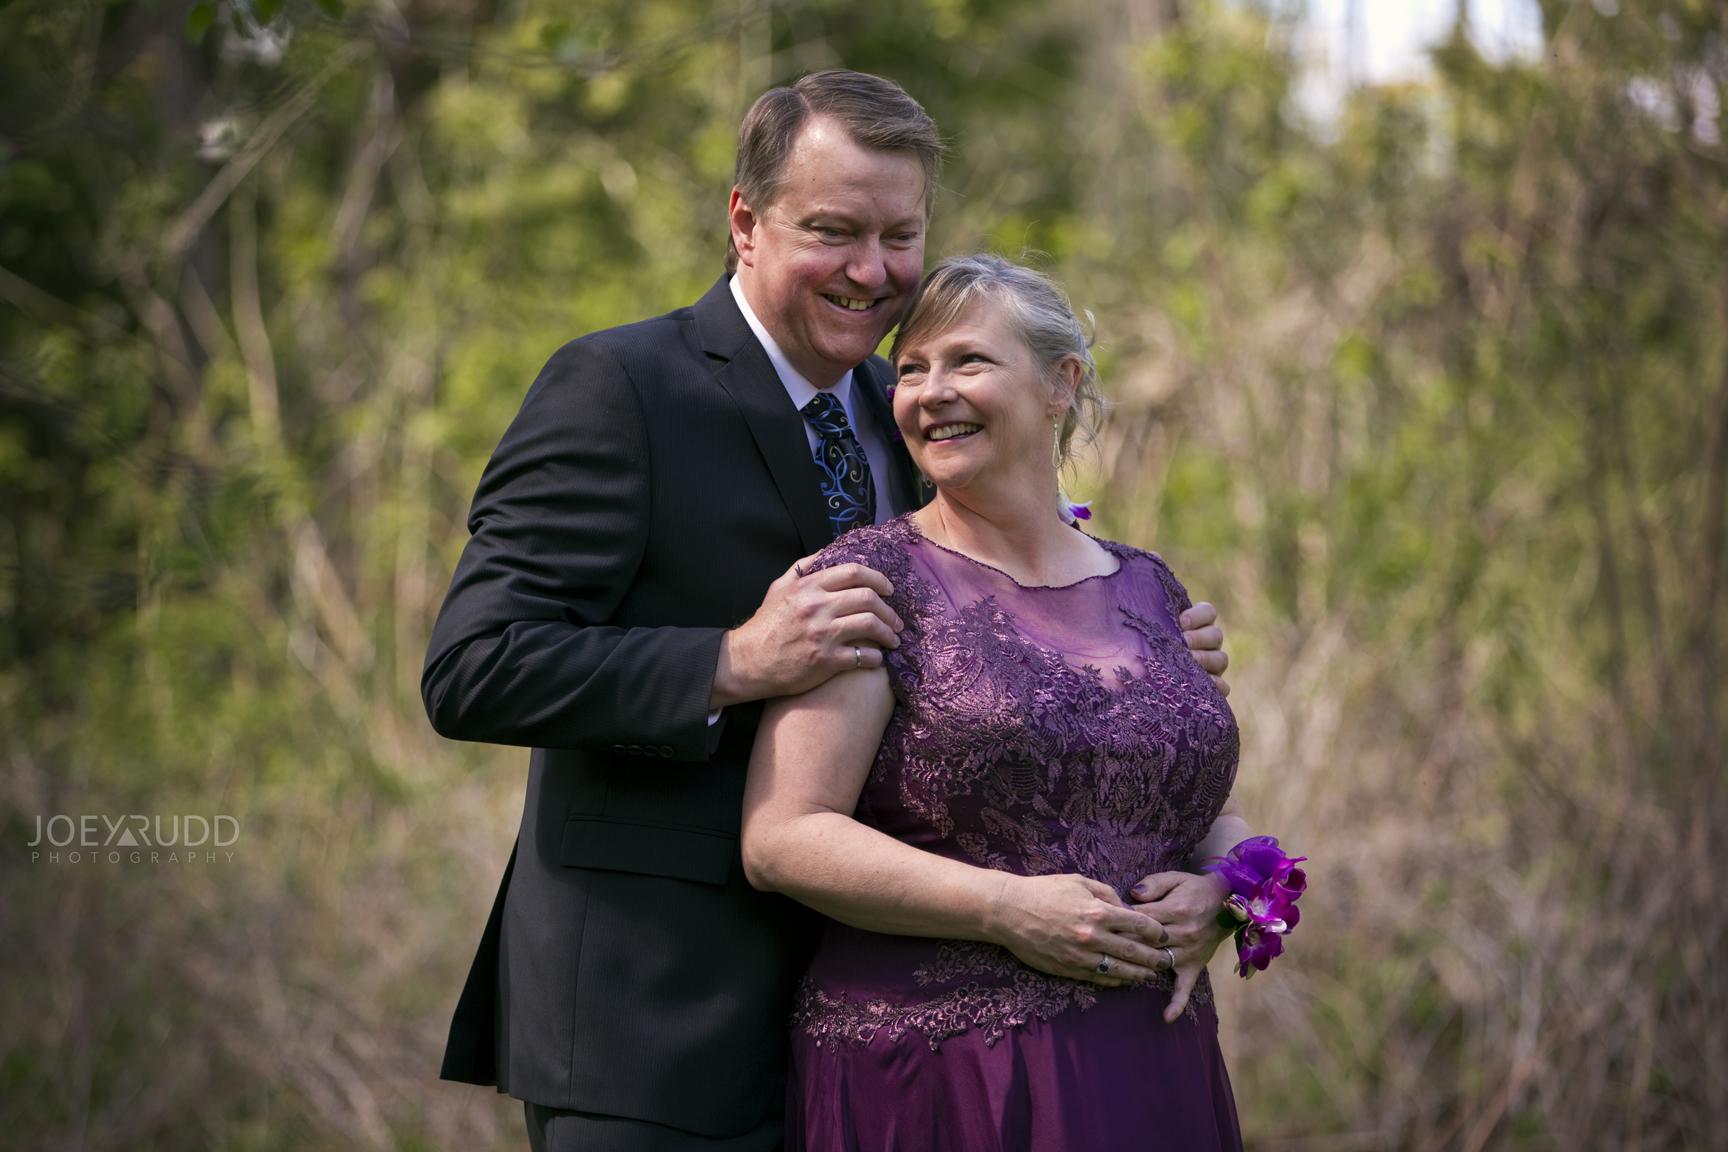 Elopement Session at Jabulani Vineyard and Winery by Joey Rudd Photography Ottawa Wedding Photographer